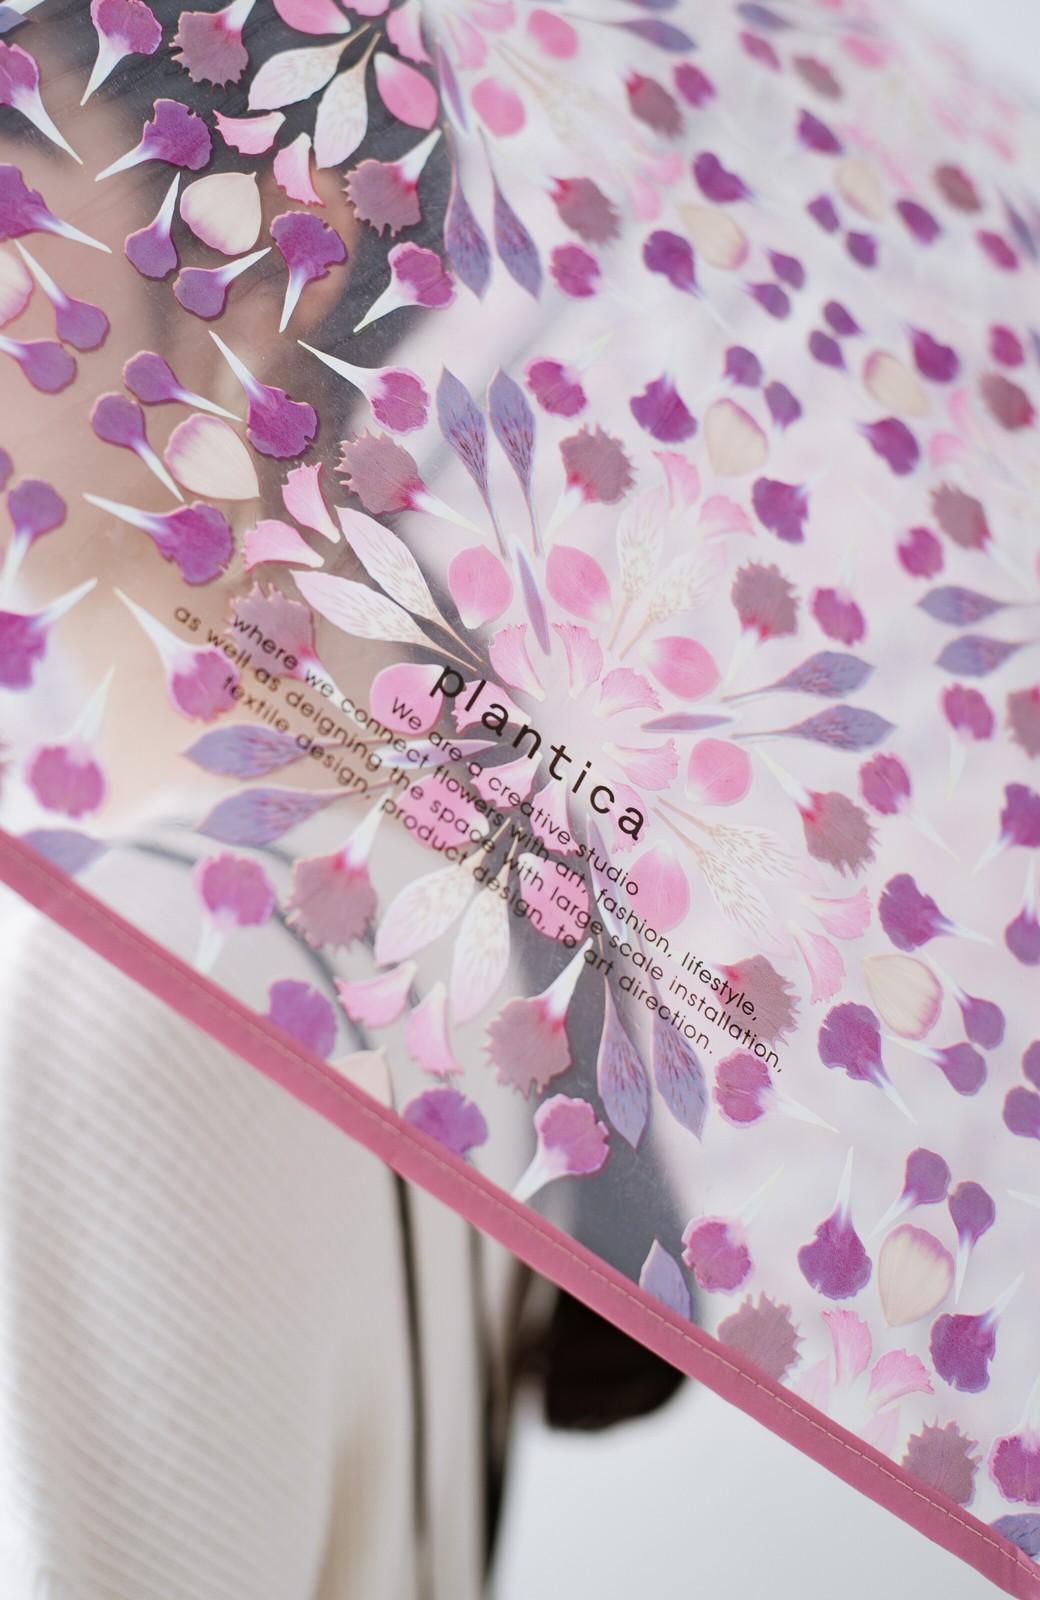 haco! Wpc.×plantica ドーム型がかわいい プラスティックアンブレラ フラワー <ピンク>の商品写真3